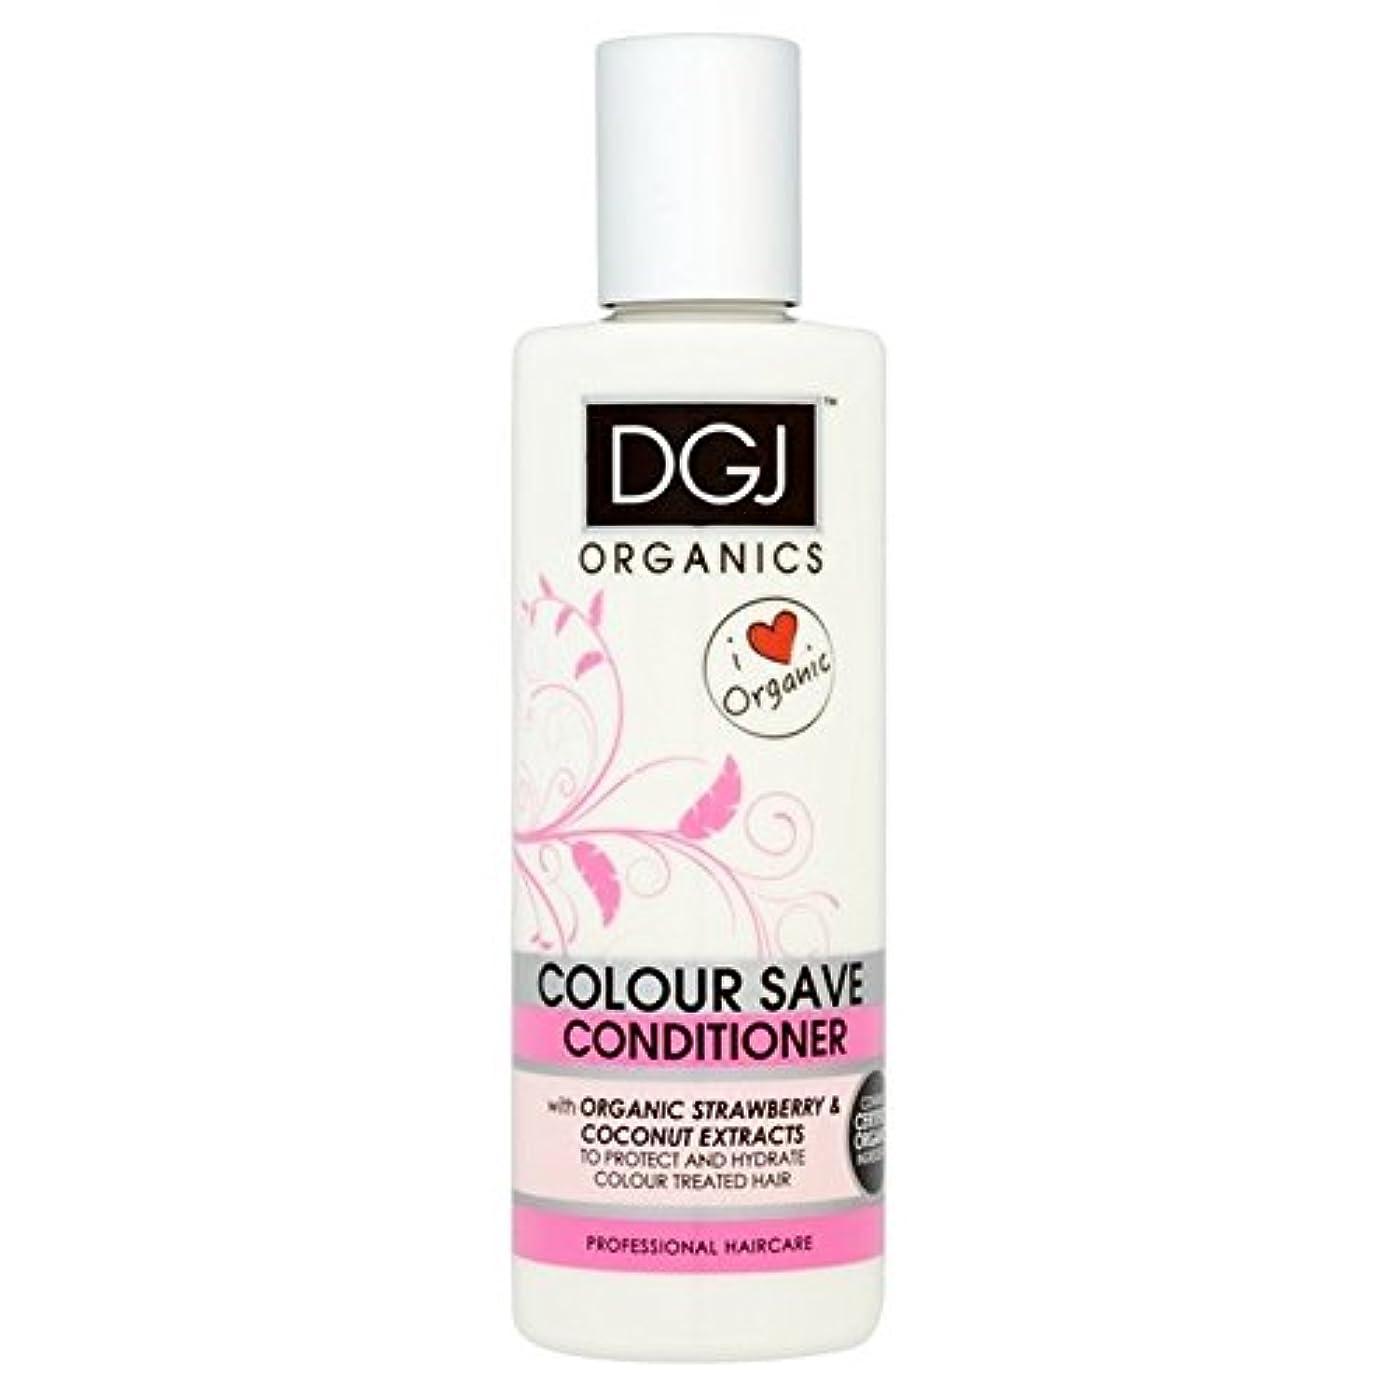 シャワー仲介者エスカレート有機物の色コンディショナー250を保存 x4 - DGJ Organics Colour Save Conditioner 250ml (Pack of 4) [並行輸入品]